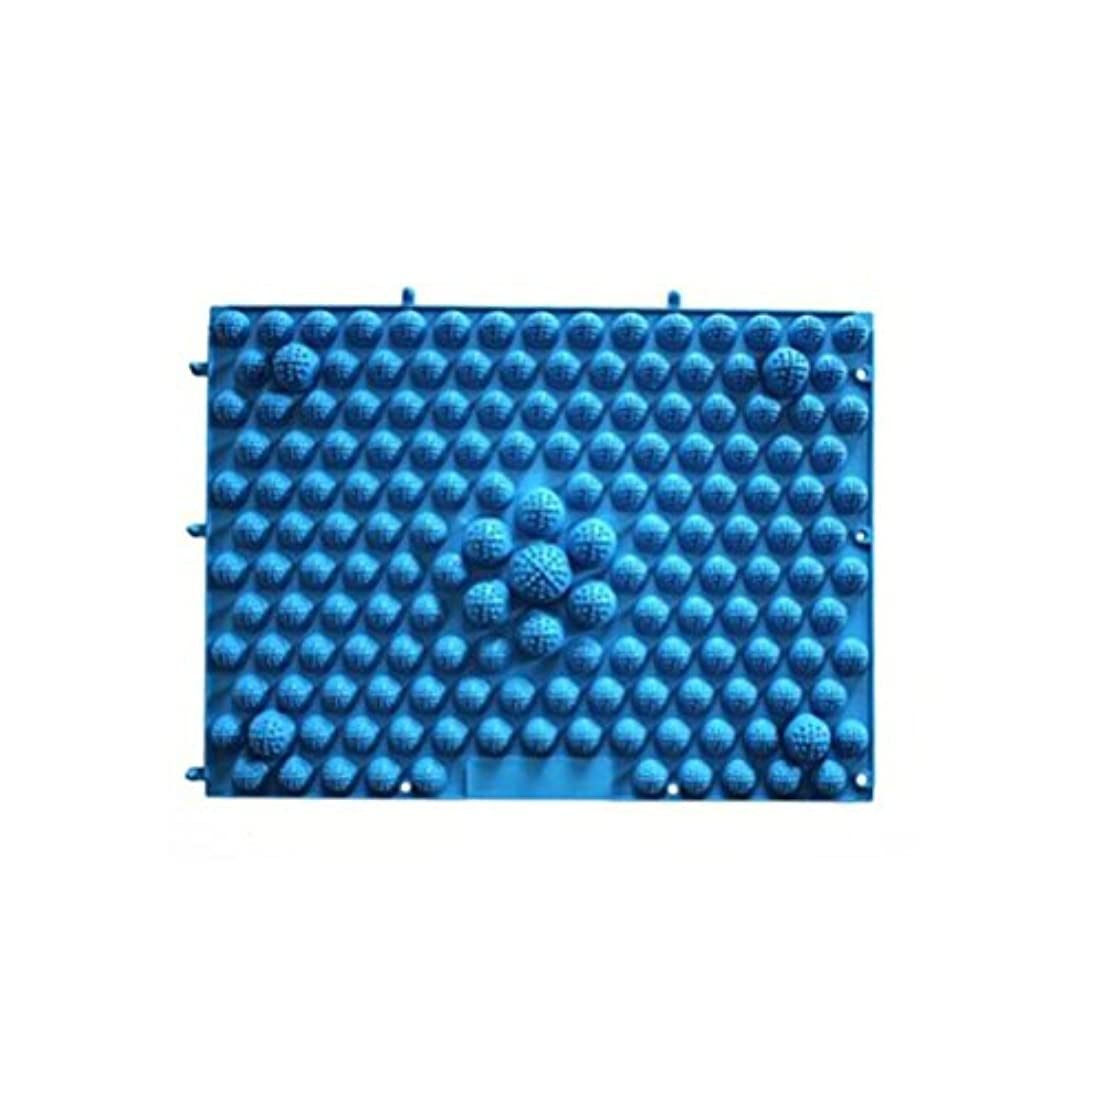 ホーンチート変換するROSENICE 足マッサージマット 血液循環指圧マットフィートヘルスケアマッサージプレート(ブルー)